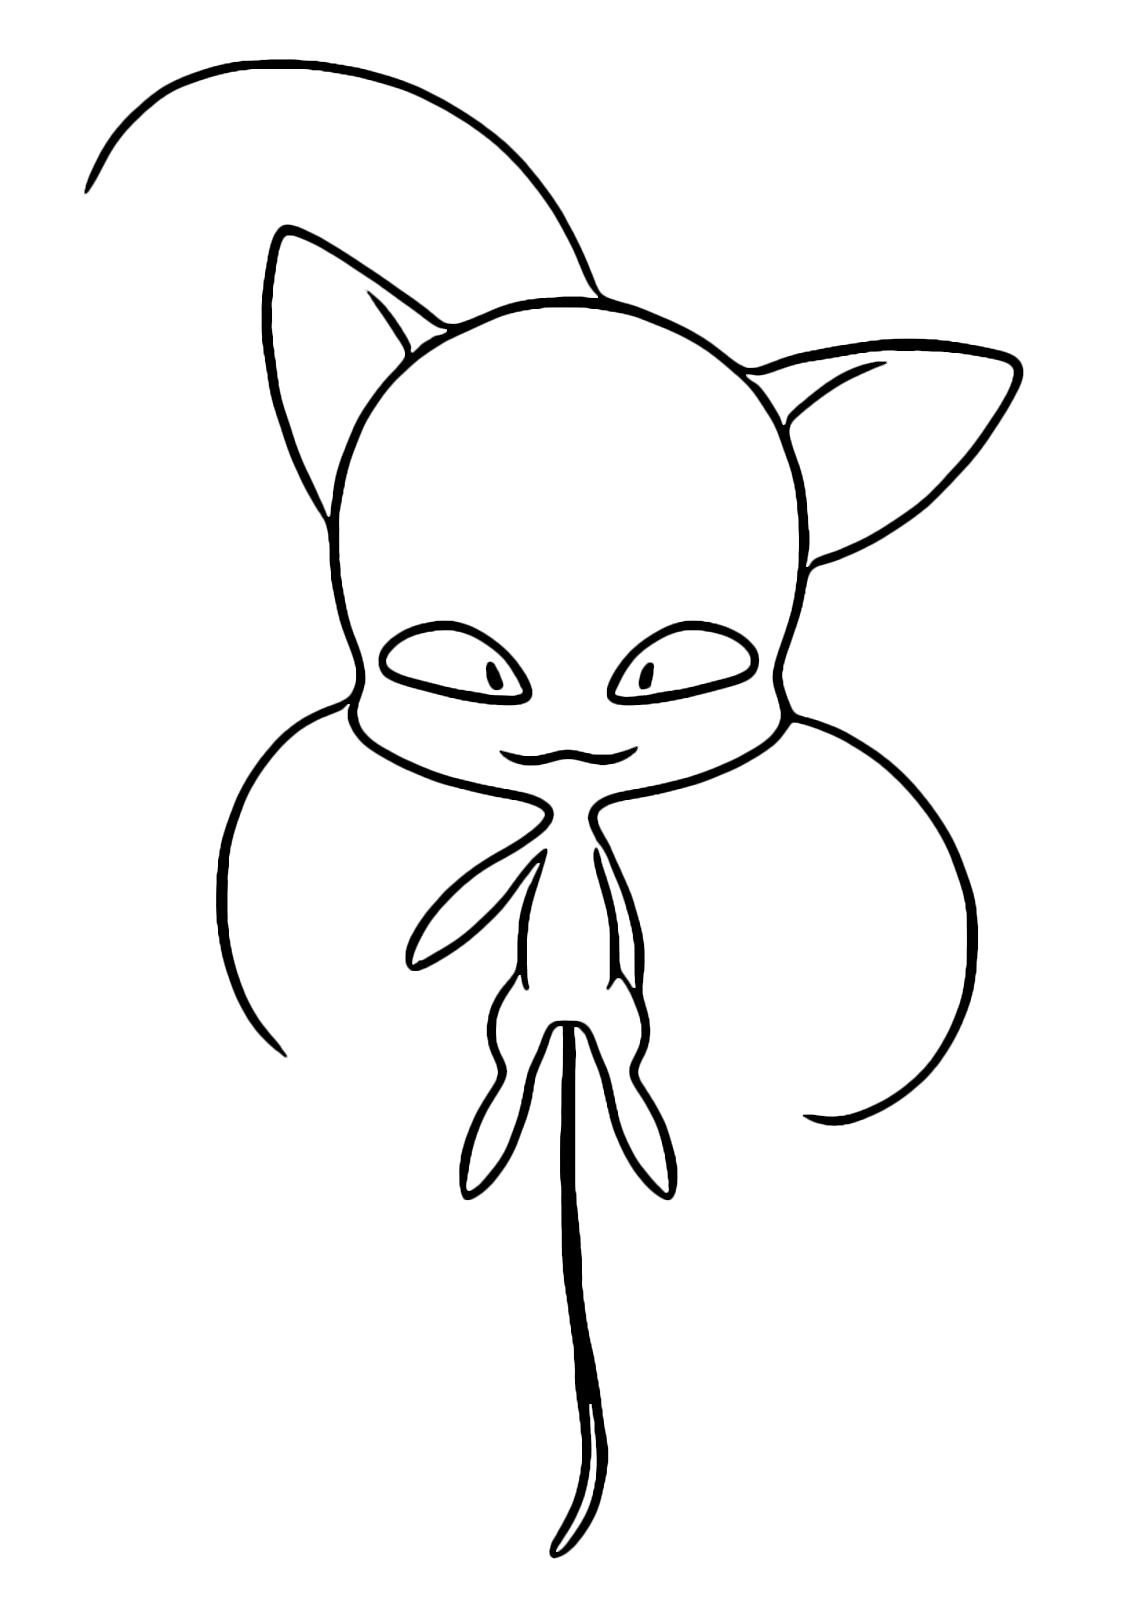 Miraculous Le Storie Di Ladybug E Chat Noir Plagg Il Kwami Di Adrien Fermo Disegni Da Colorare Astratti Disegni Da Colorare Pagine Da Colorare Per Bambini